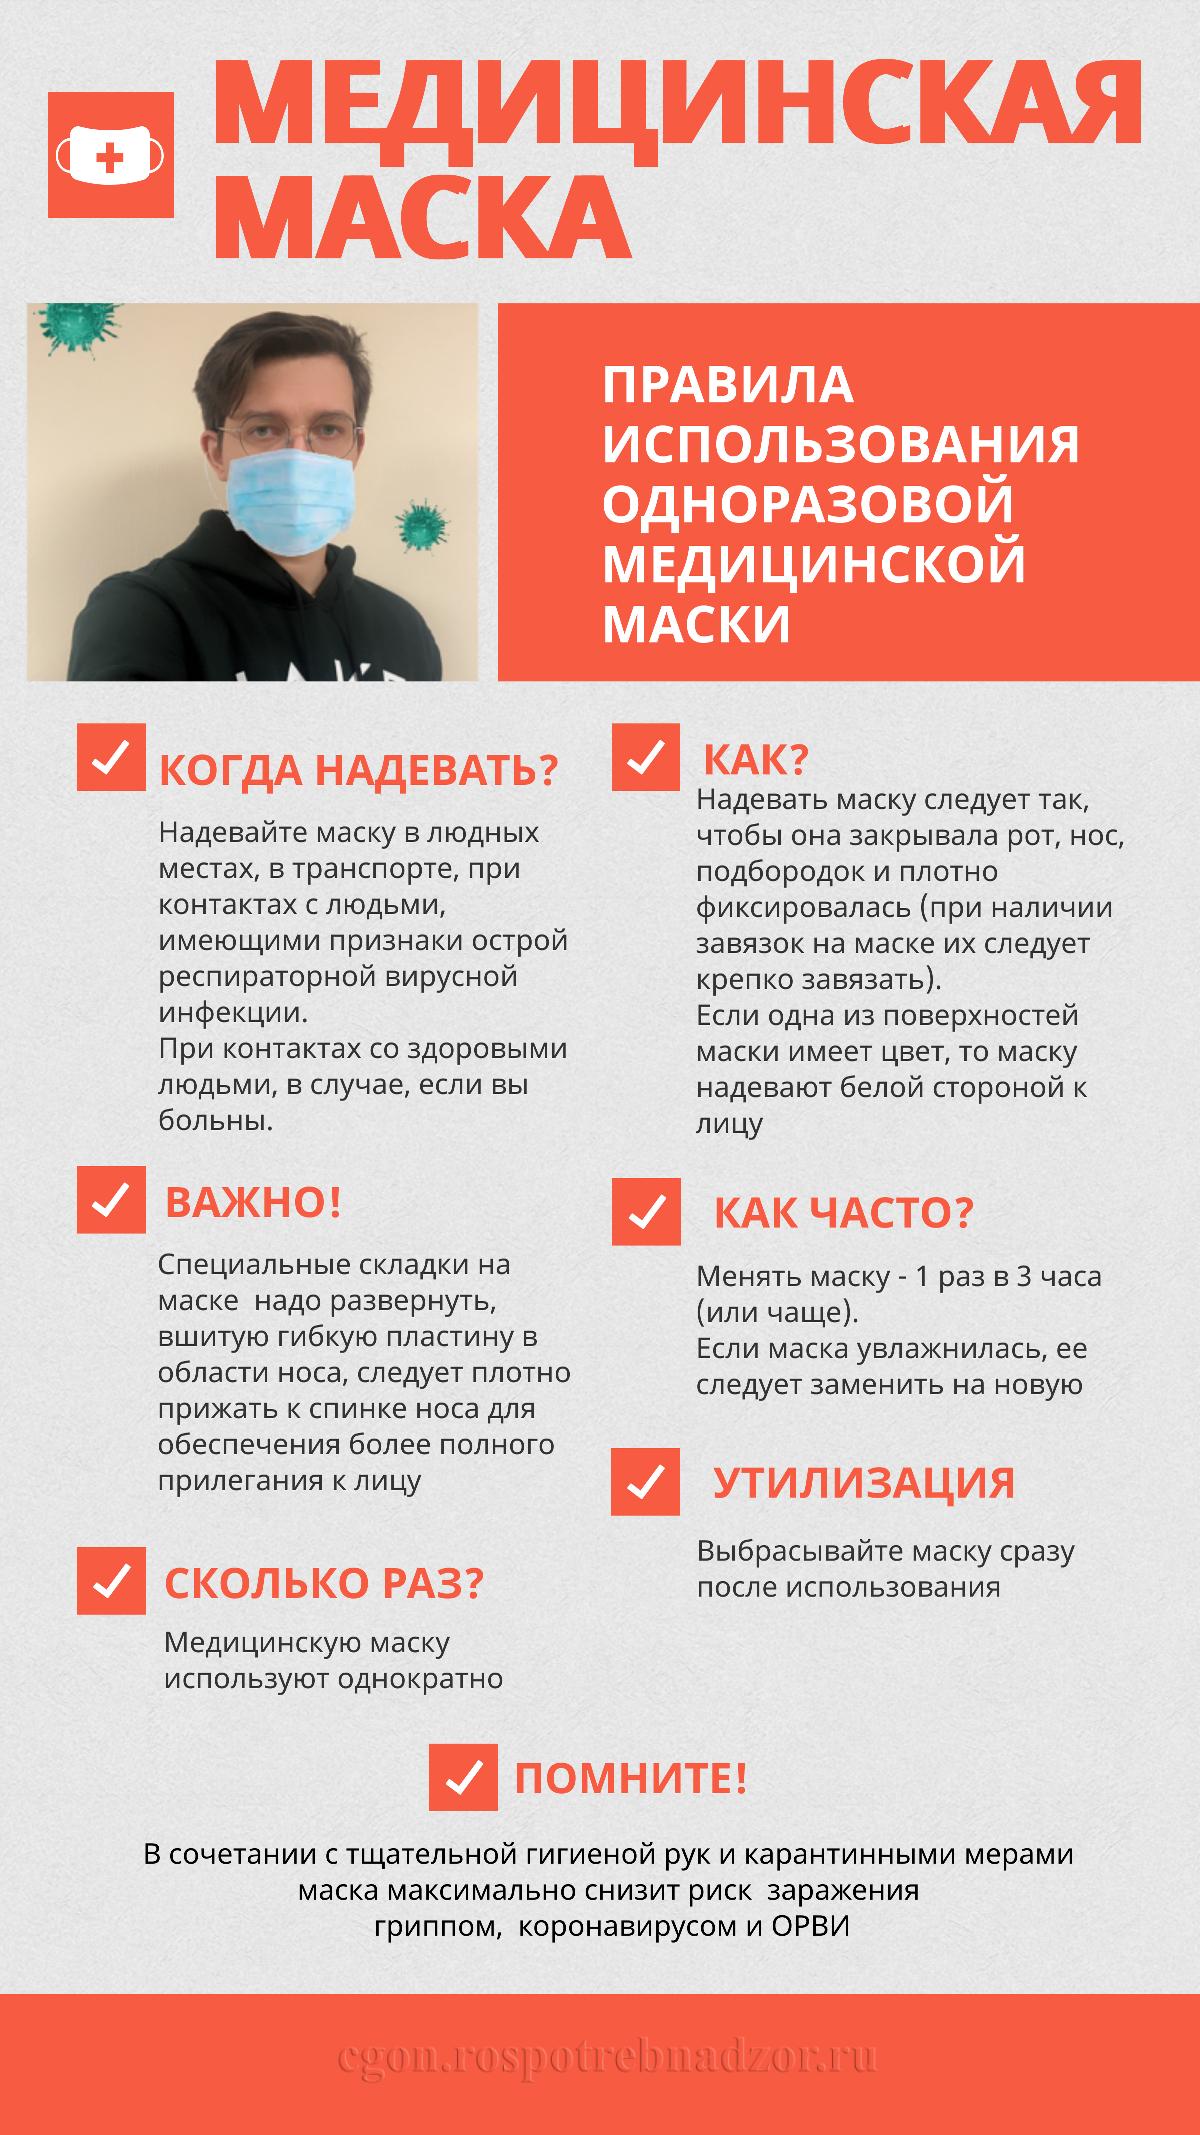 Медицинская маска - правила использования одноразовой медицинской маски